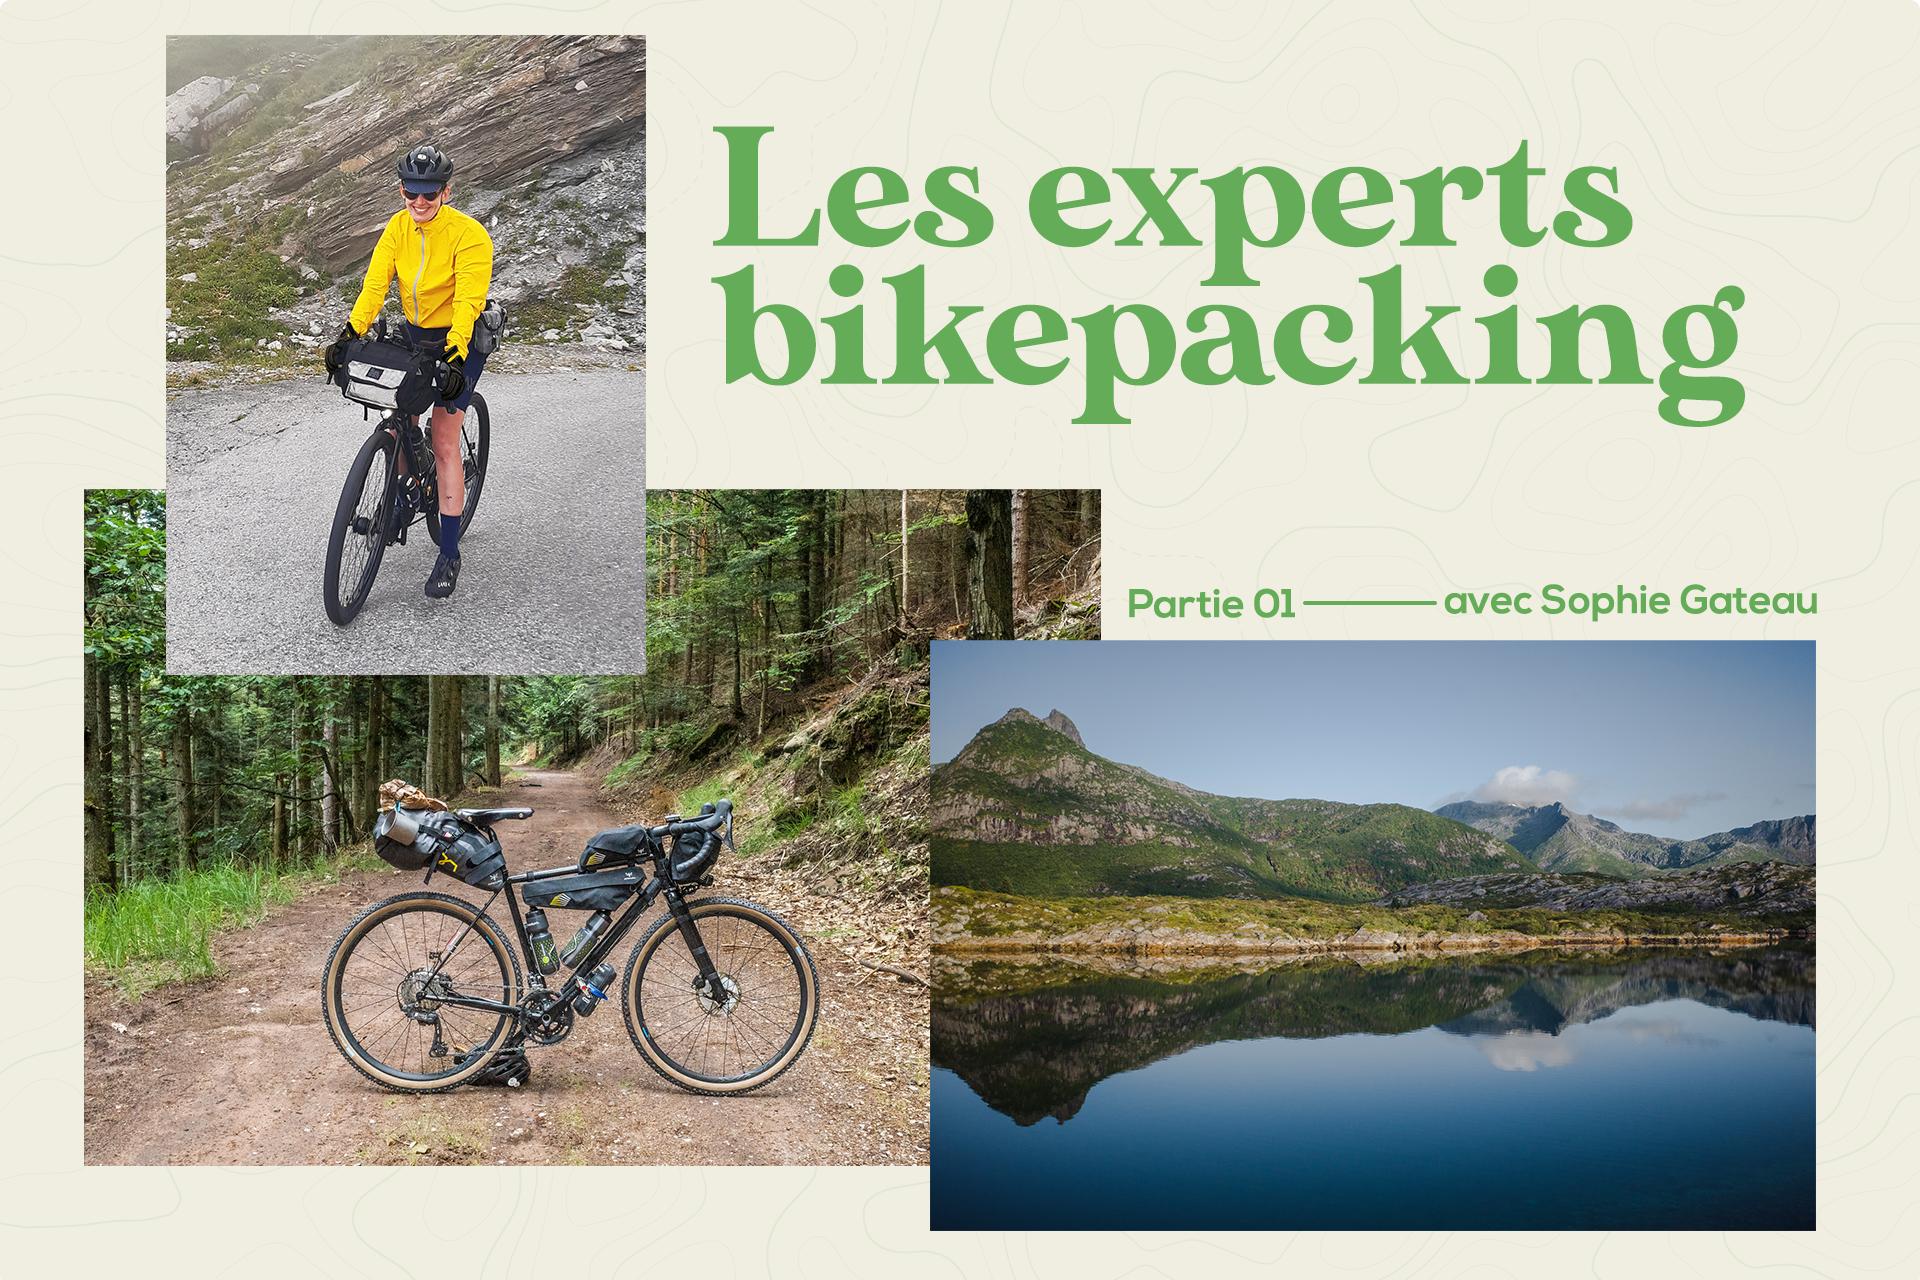 Bikepacking en Norvège : les conseils de Sophie Gateau.